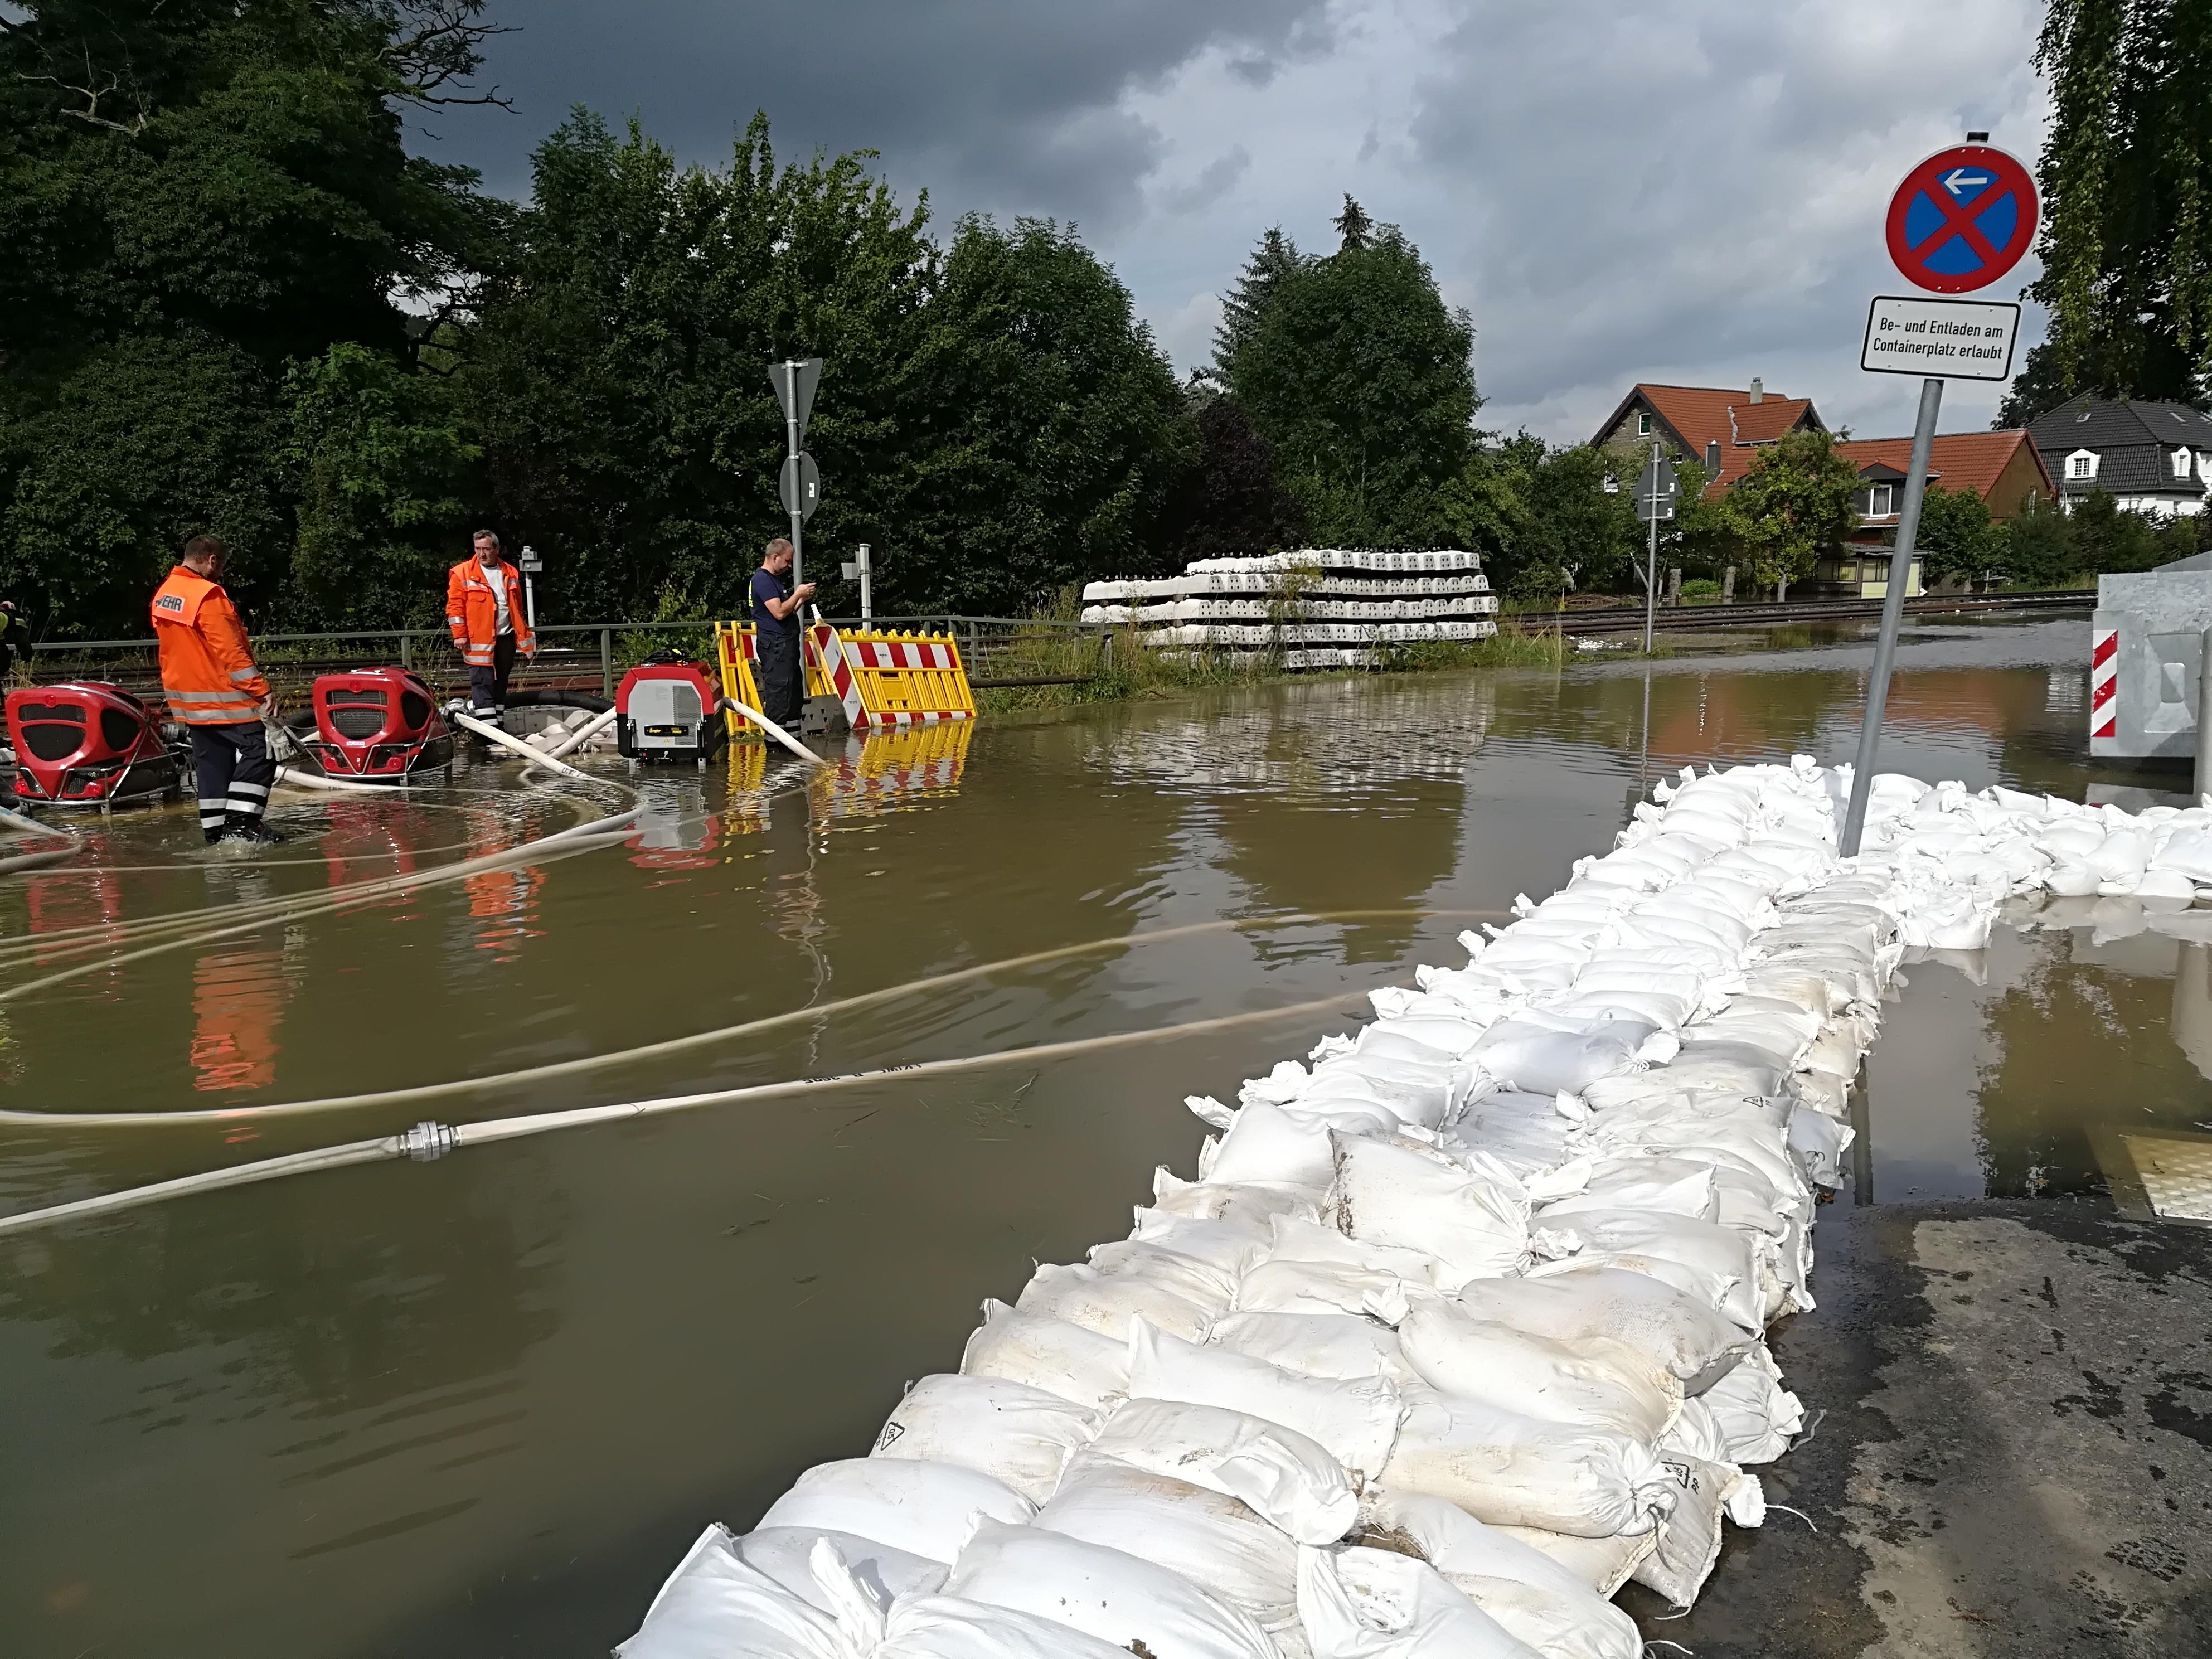 Alarm Überschwemmung Samtgemeinde Baddeckenstedt